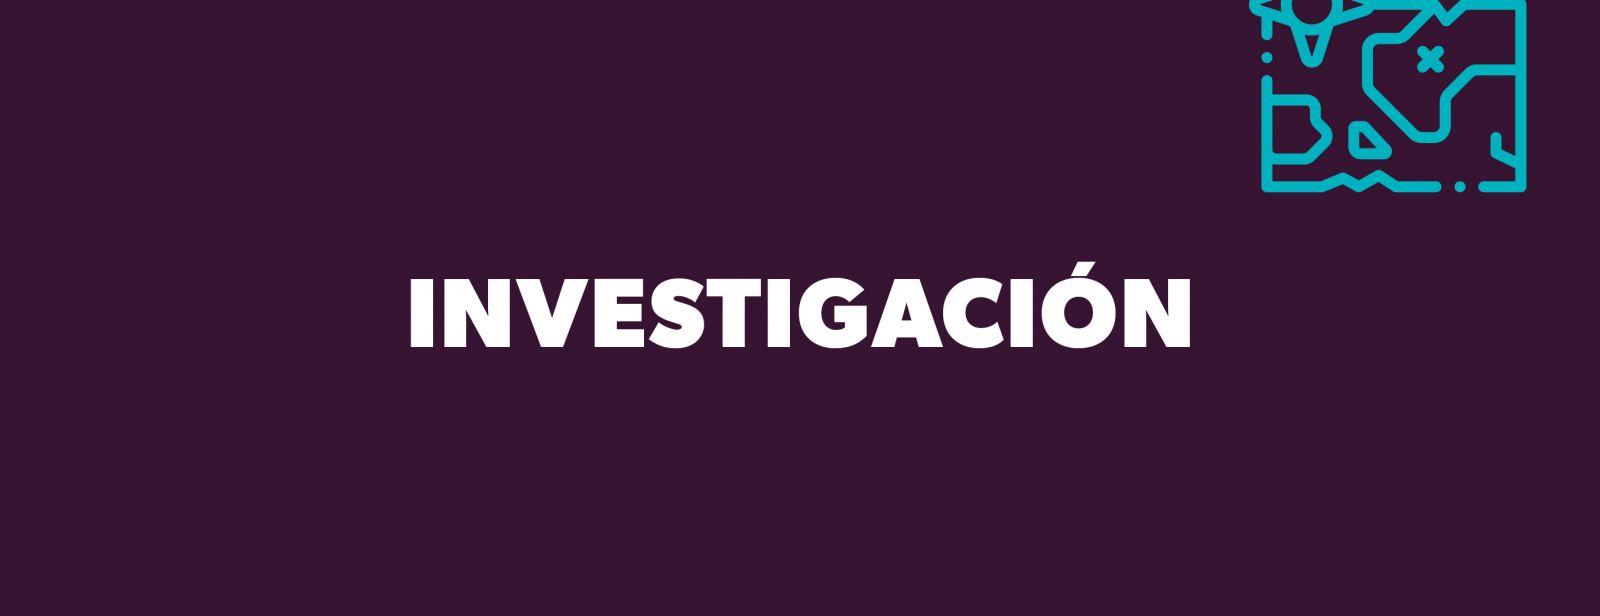 Investigación de la Universidad de los Andes